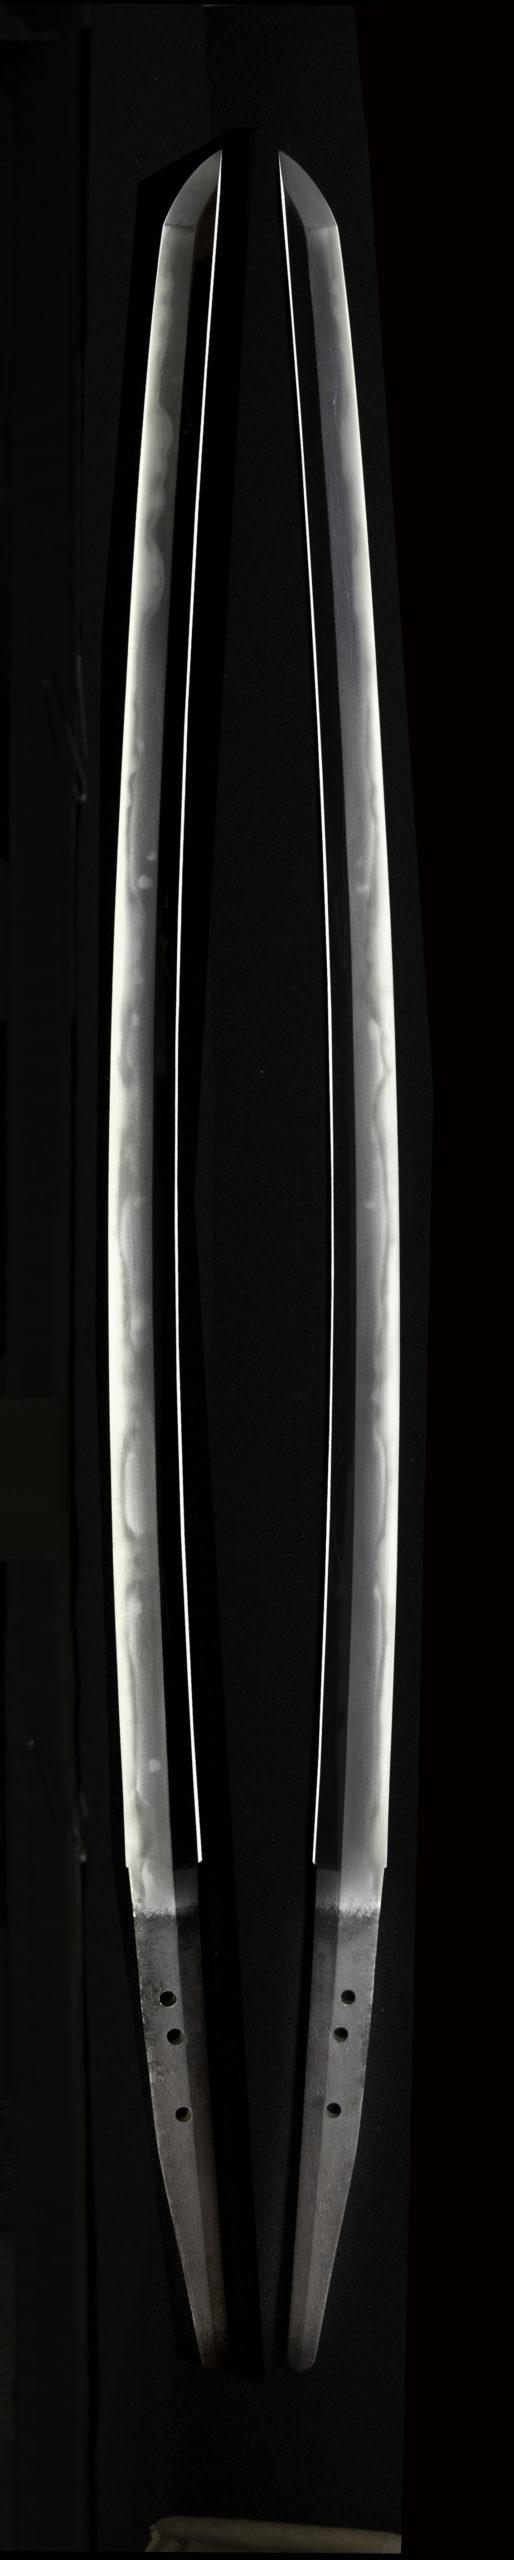 千子村正の特徴である表と裏の刃文が揃い茎がタナゴ腹茎である。 This is the characteristic of Muramasa. The front and back swords are the same. The stem is a unique tanago abdominal stem.